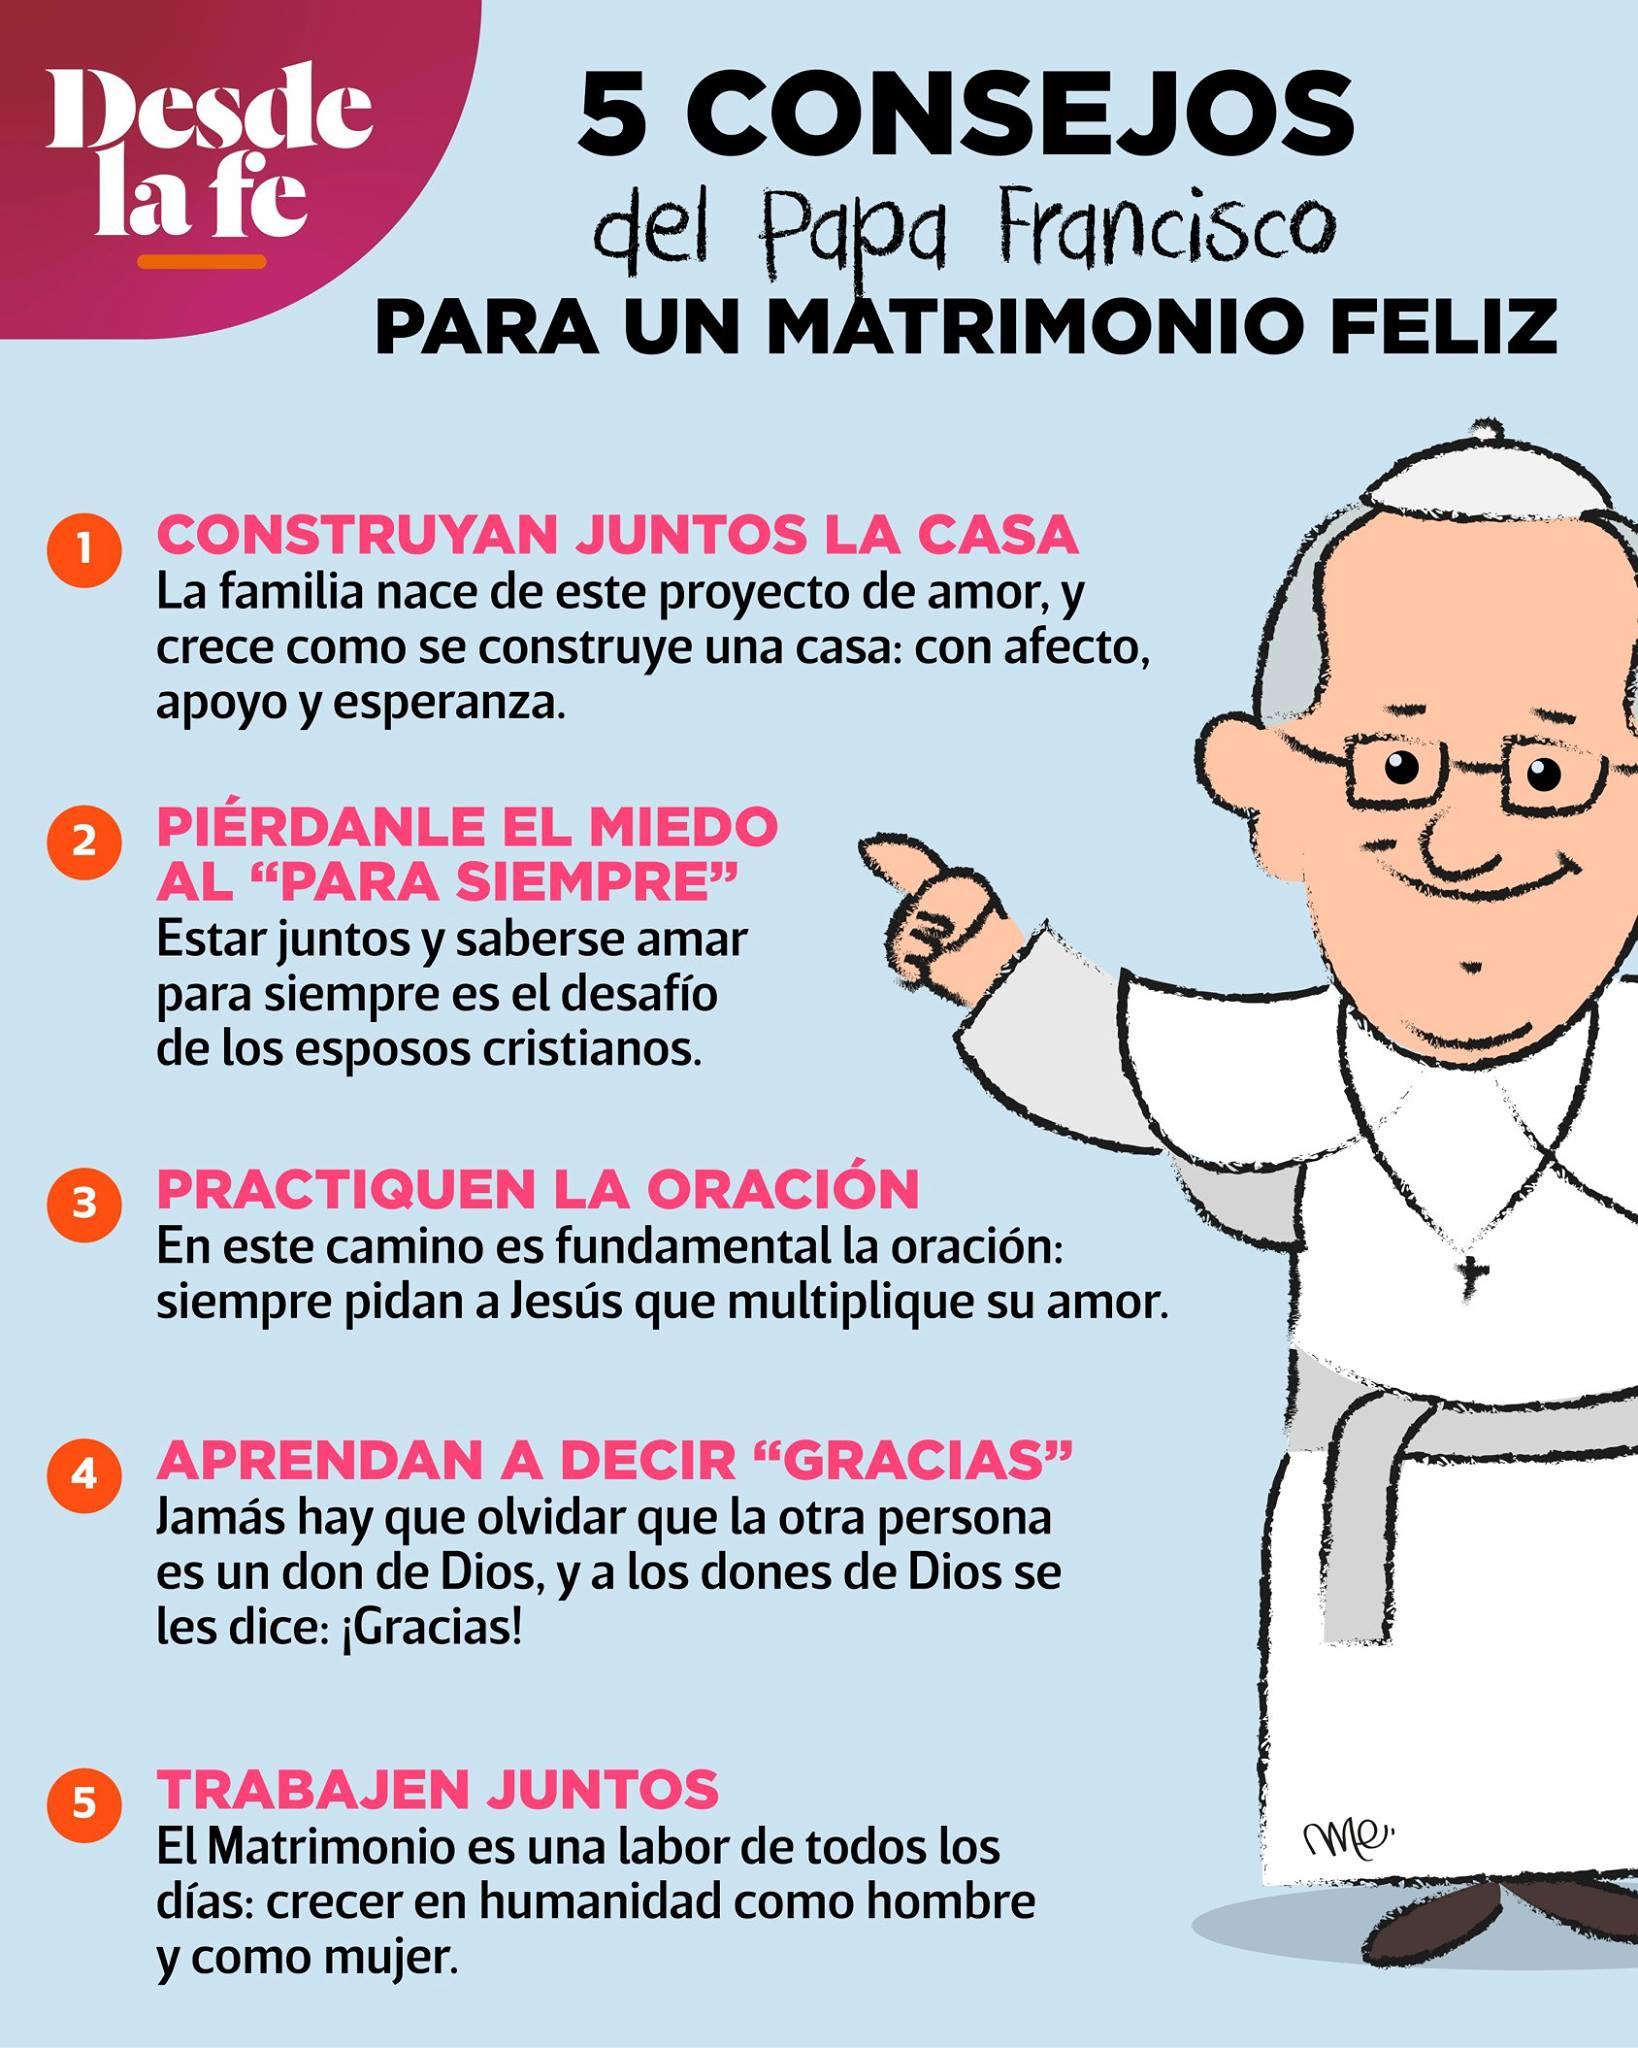 Consejos del Papa Francisco para un Matrimonio feliz.